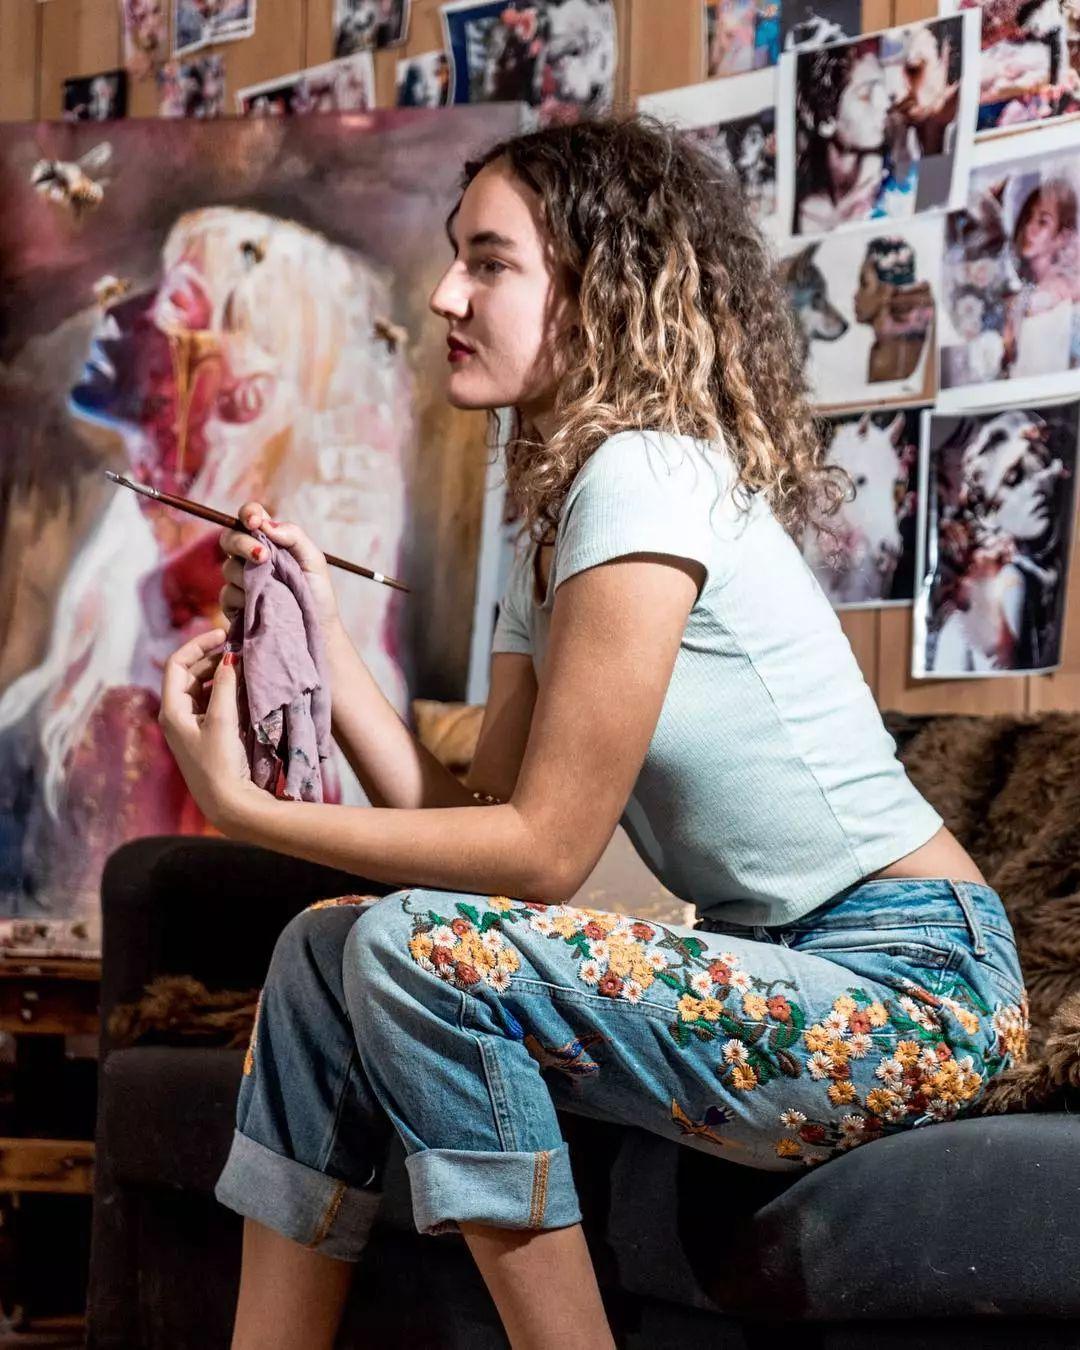 12岁开始画画 16岁就卖画赚100万——希腊小画家Dimitra Milan插图60